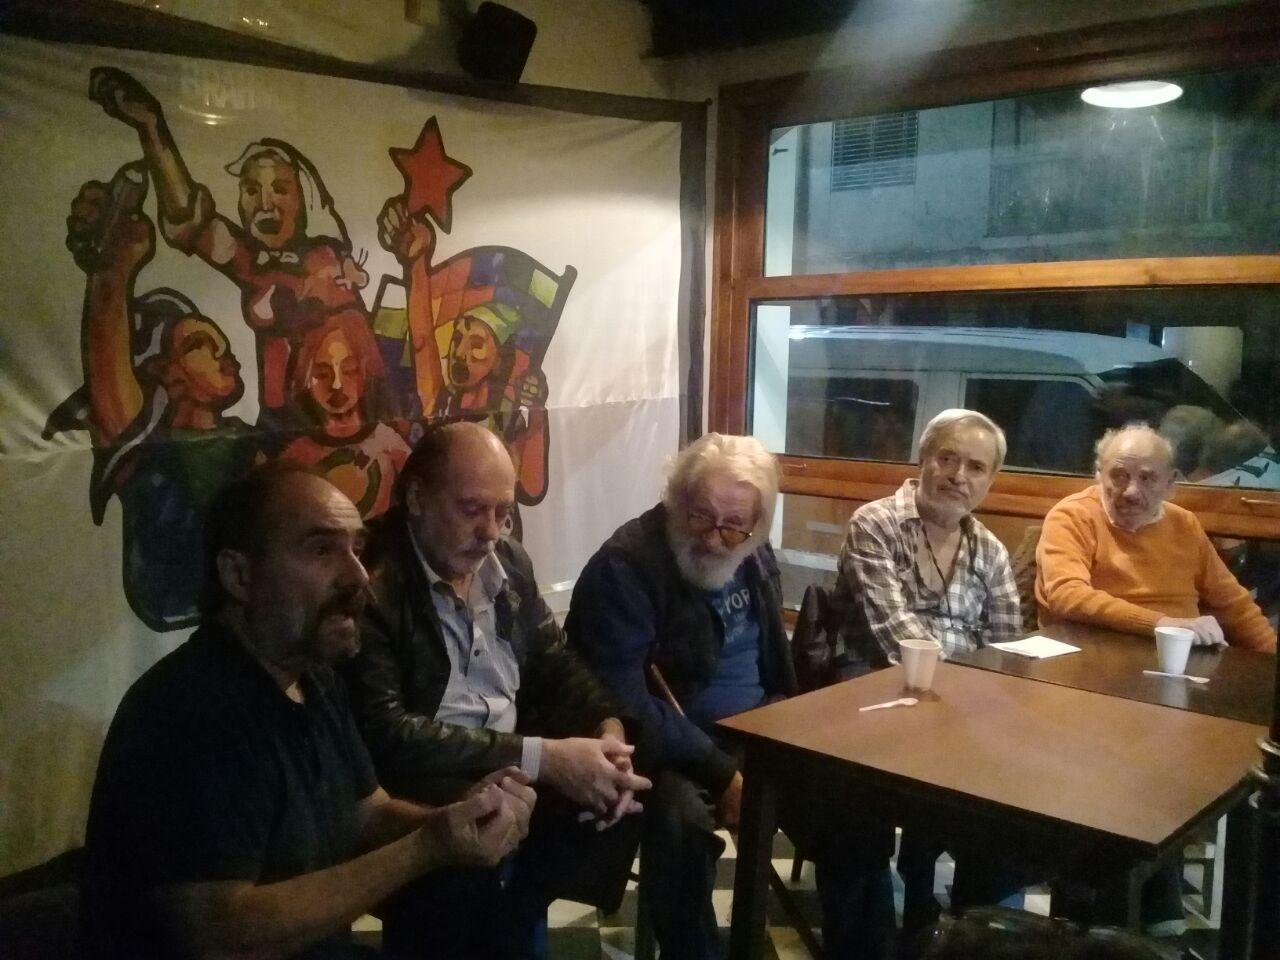 Un avance en la recuperación de la Sociedad Argentina de Artistas Plásticos